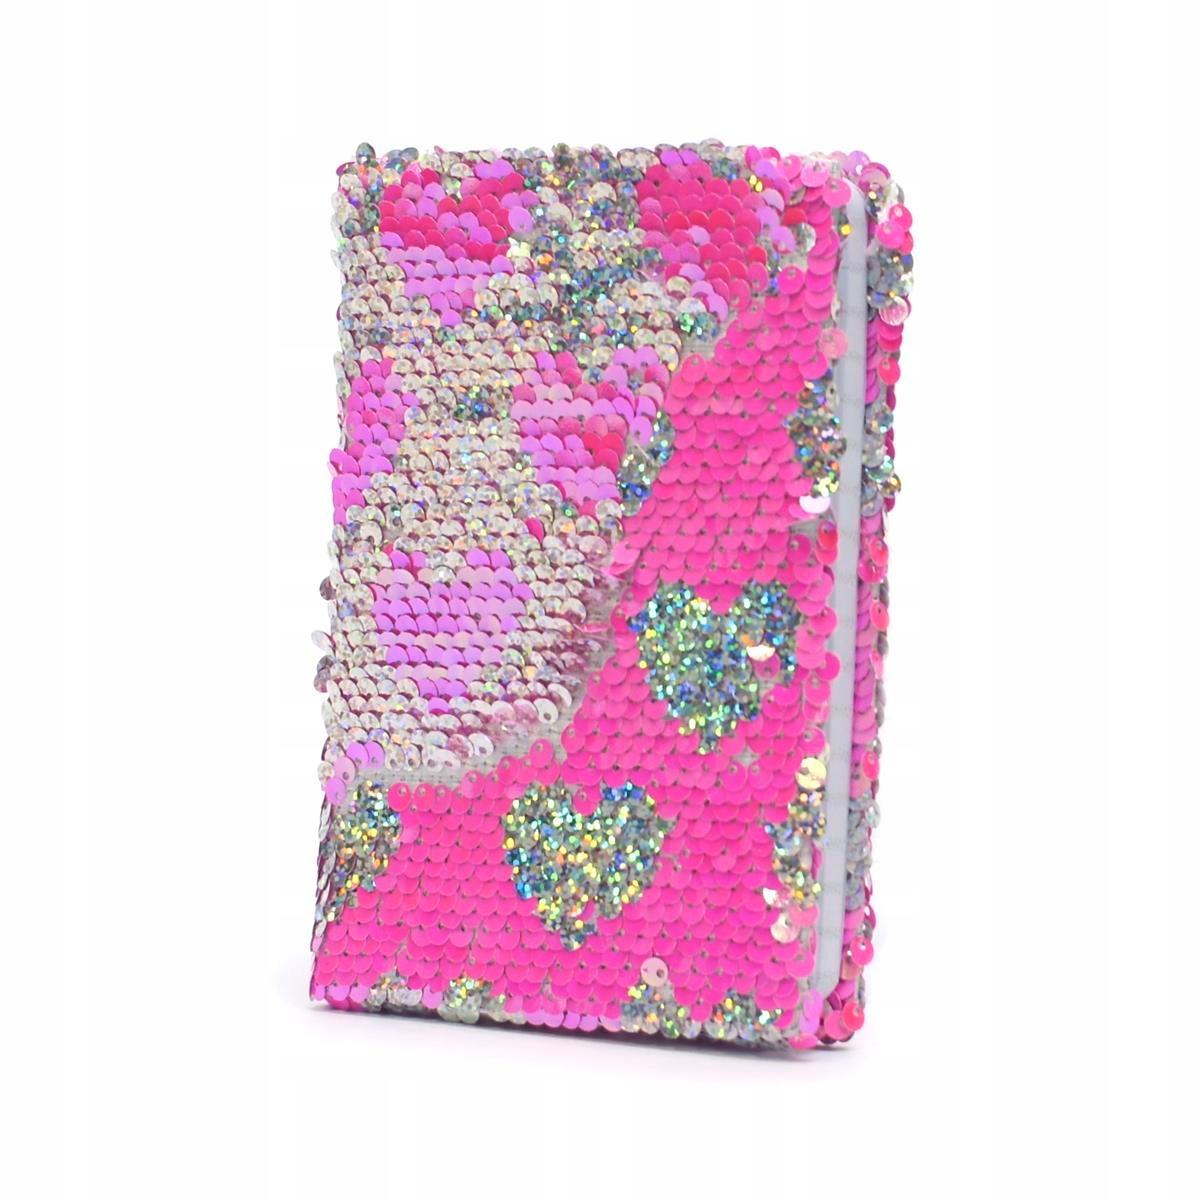 Купить НОУТБУК с пайетками PINK HEART дневник блокнот на Otpravka - цены и фото - доставка из Польши и стран Европы в Украину.